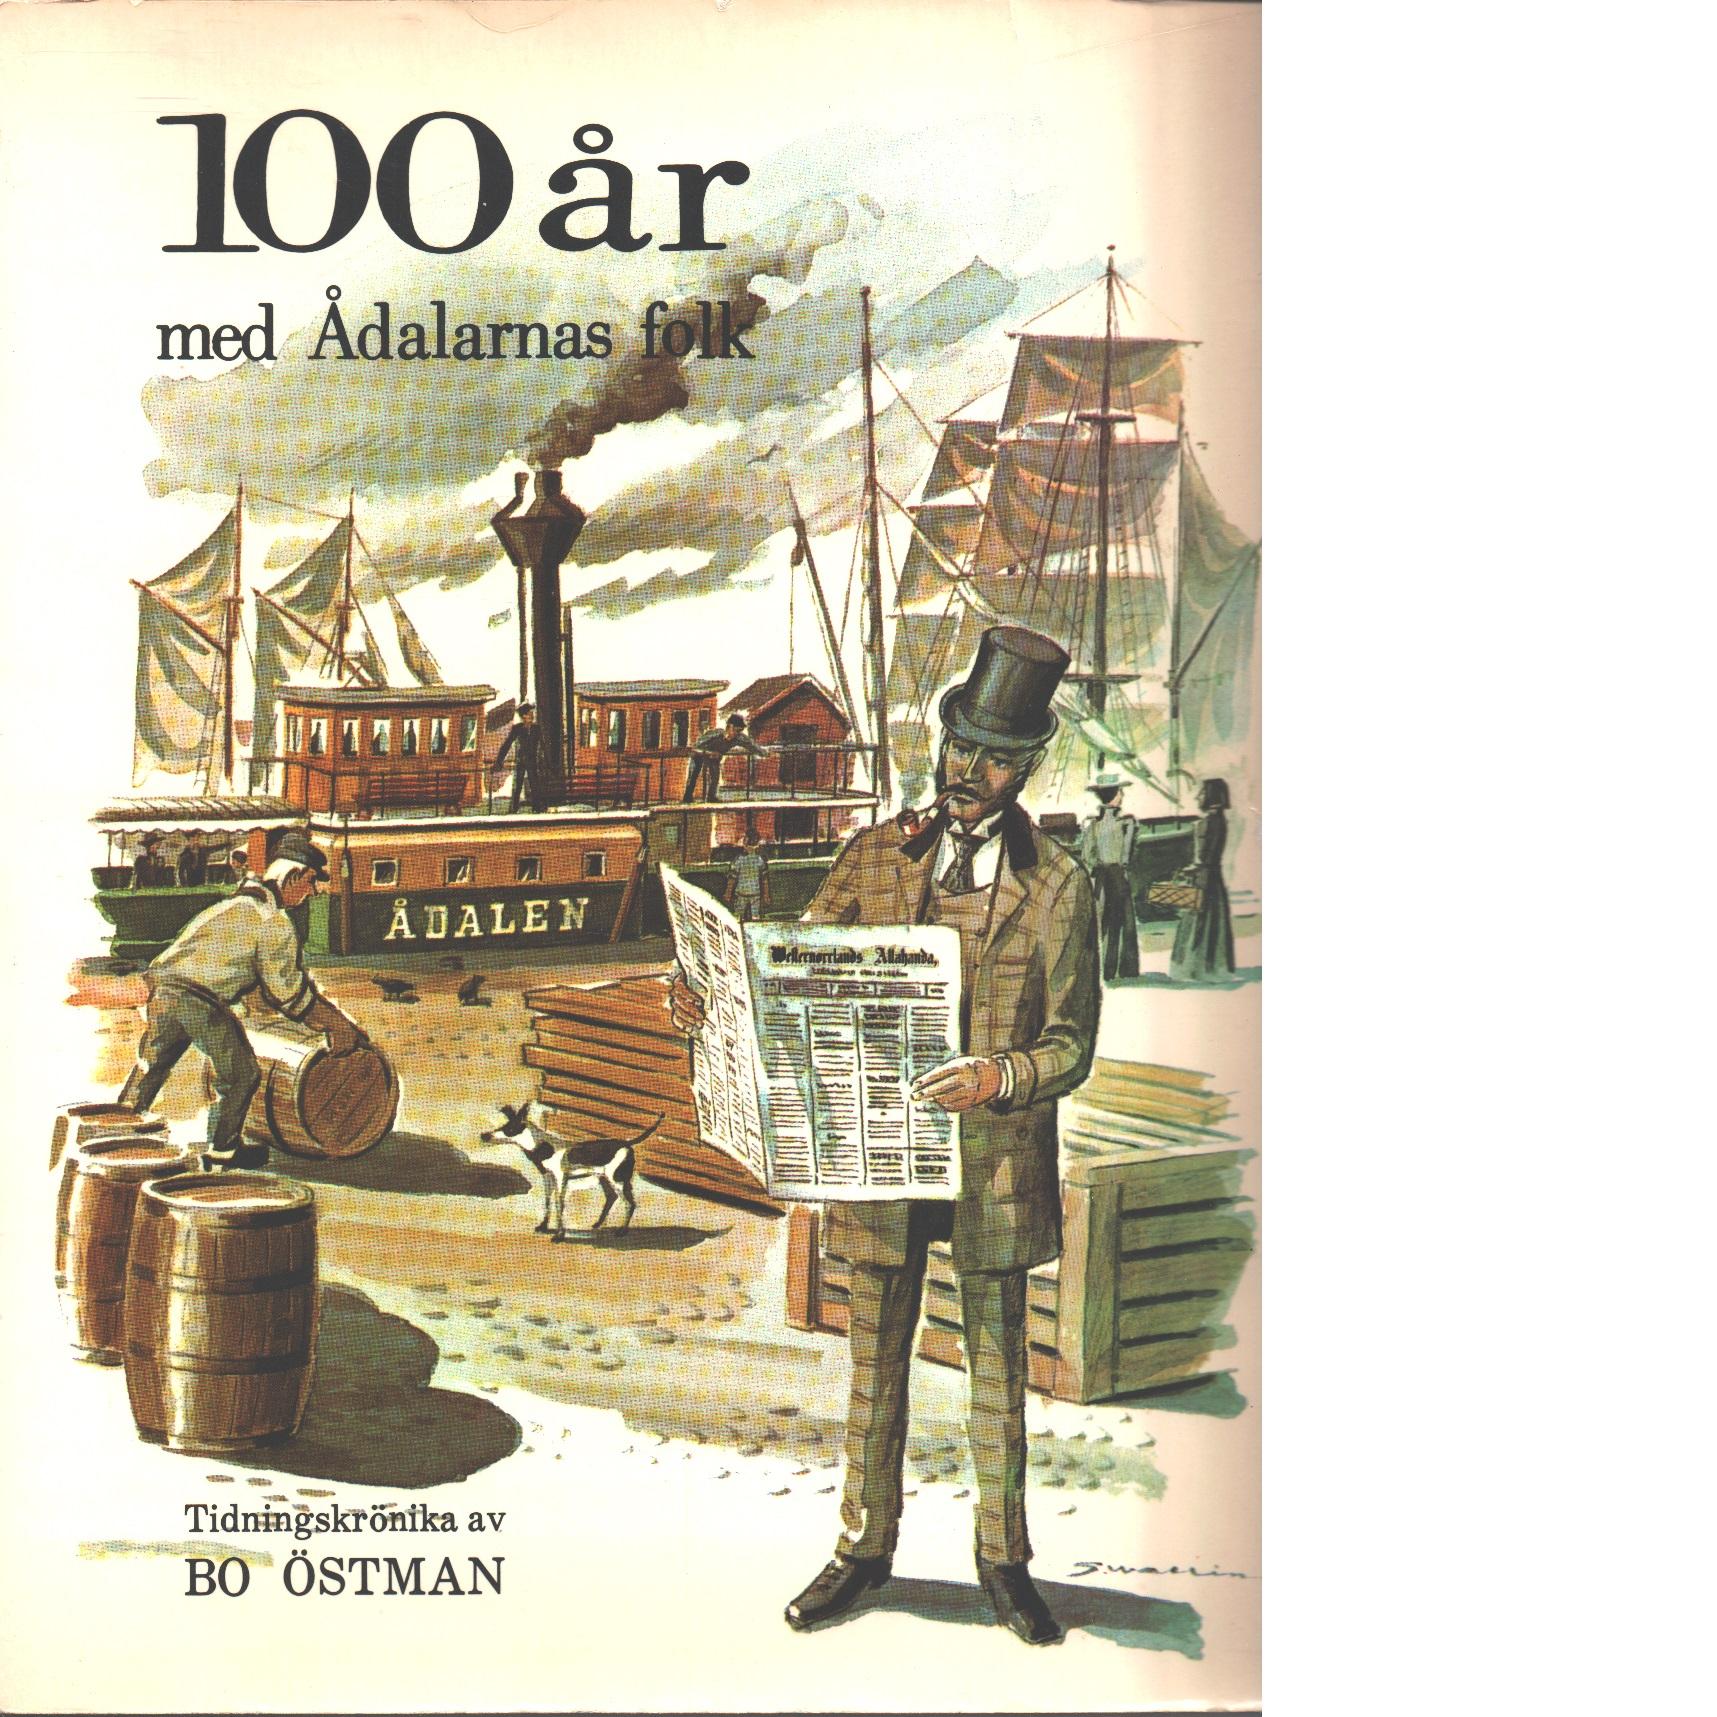 100 år med Ådalarnas folk - Red. Östman, Bo